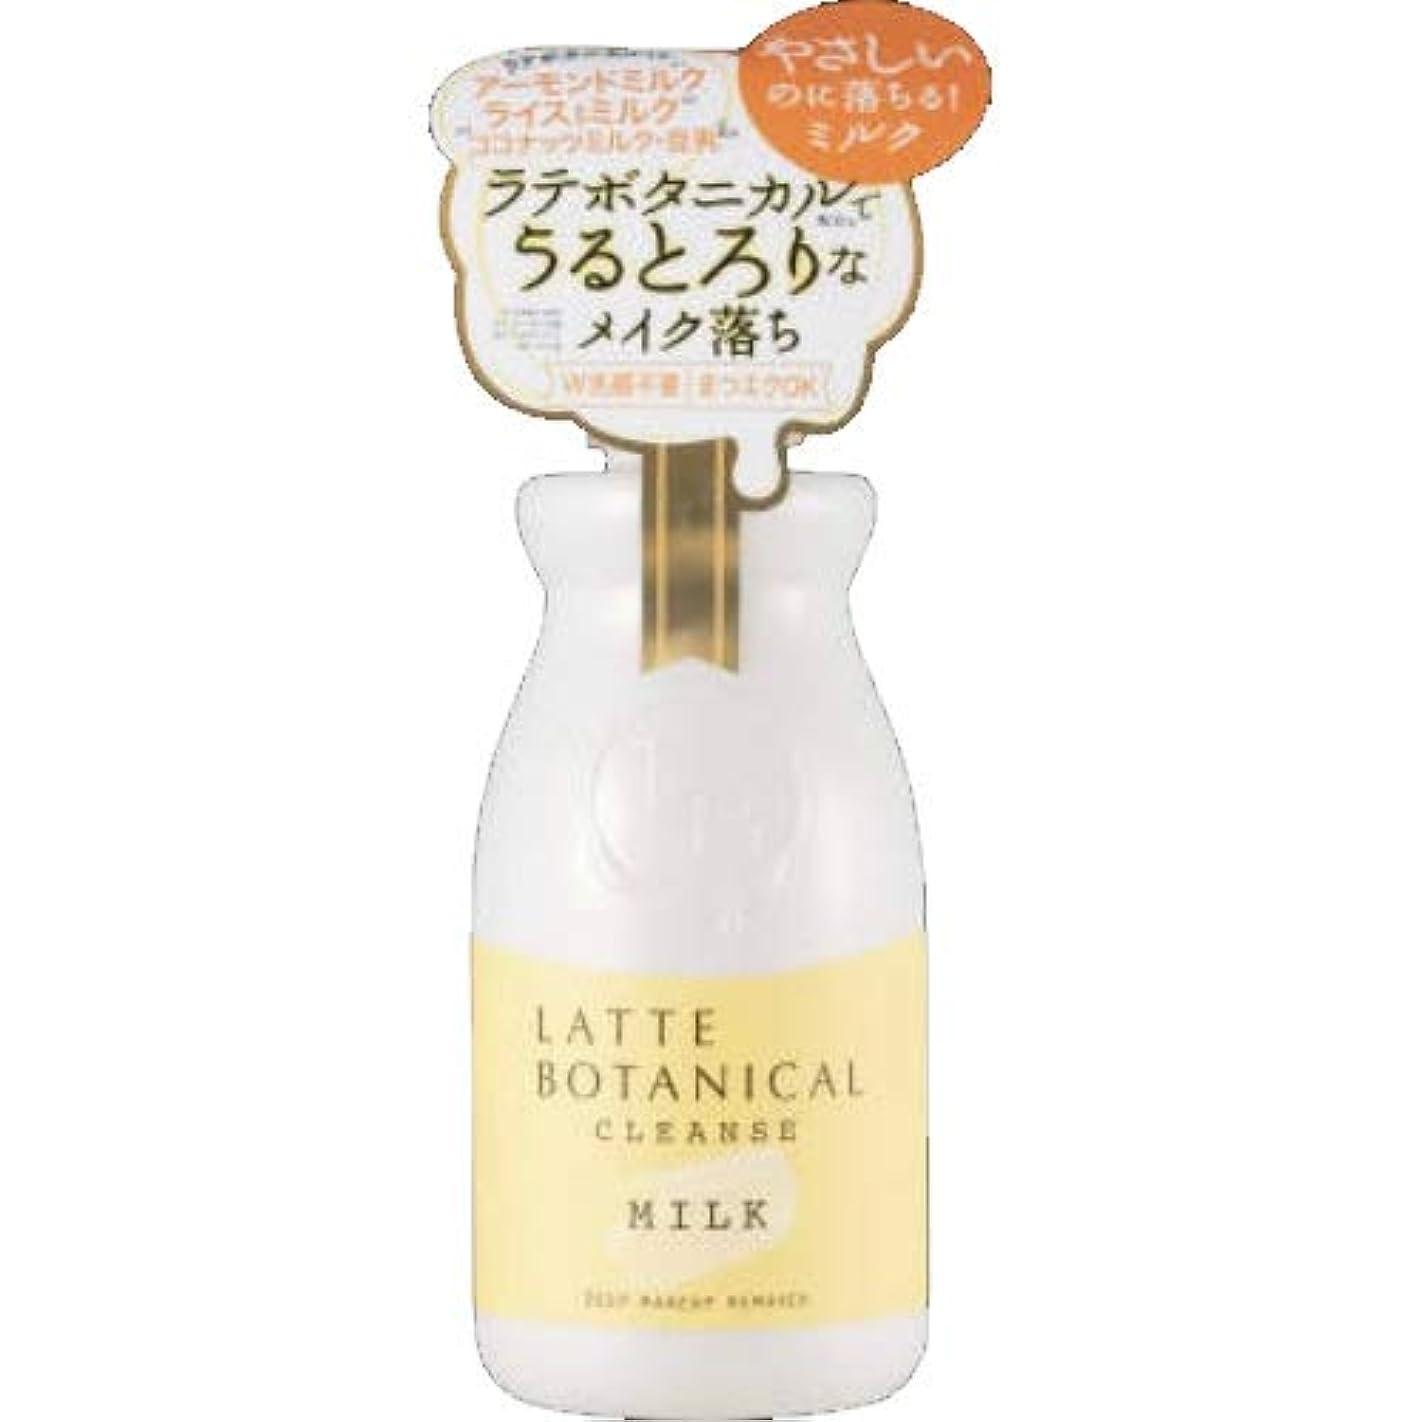 コスメテックスローランド ラテボタニカル クレンズミルク S 180ml (クレンジング メイク落とし)